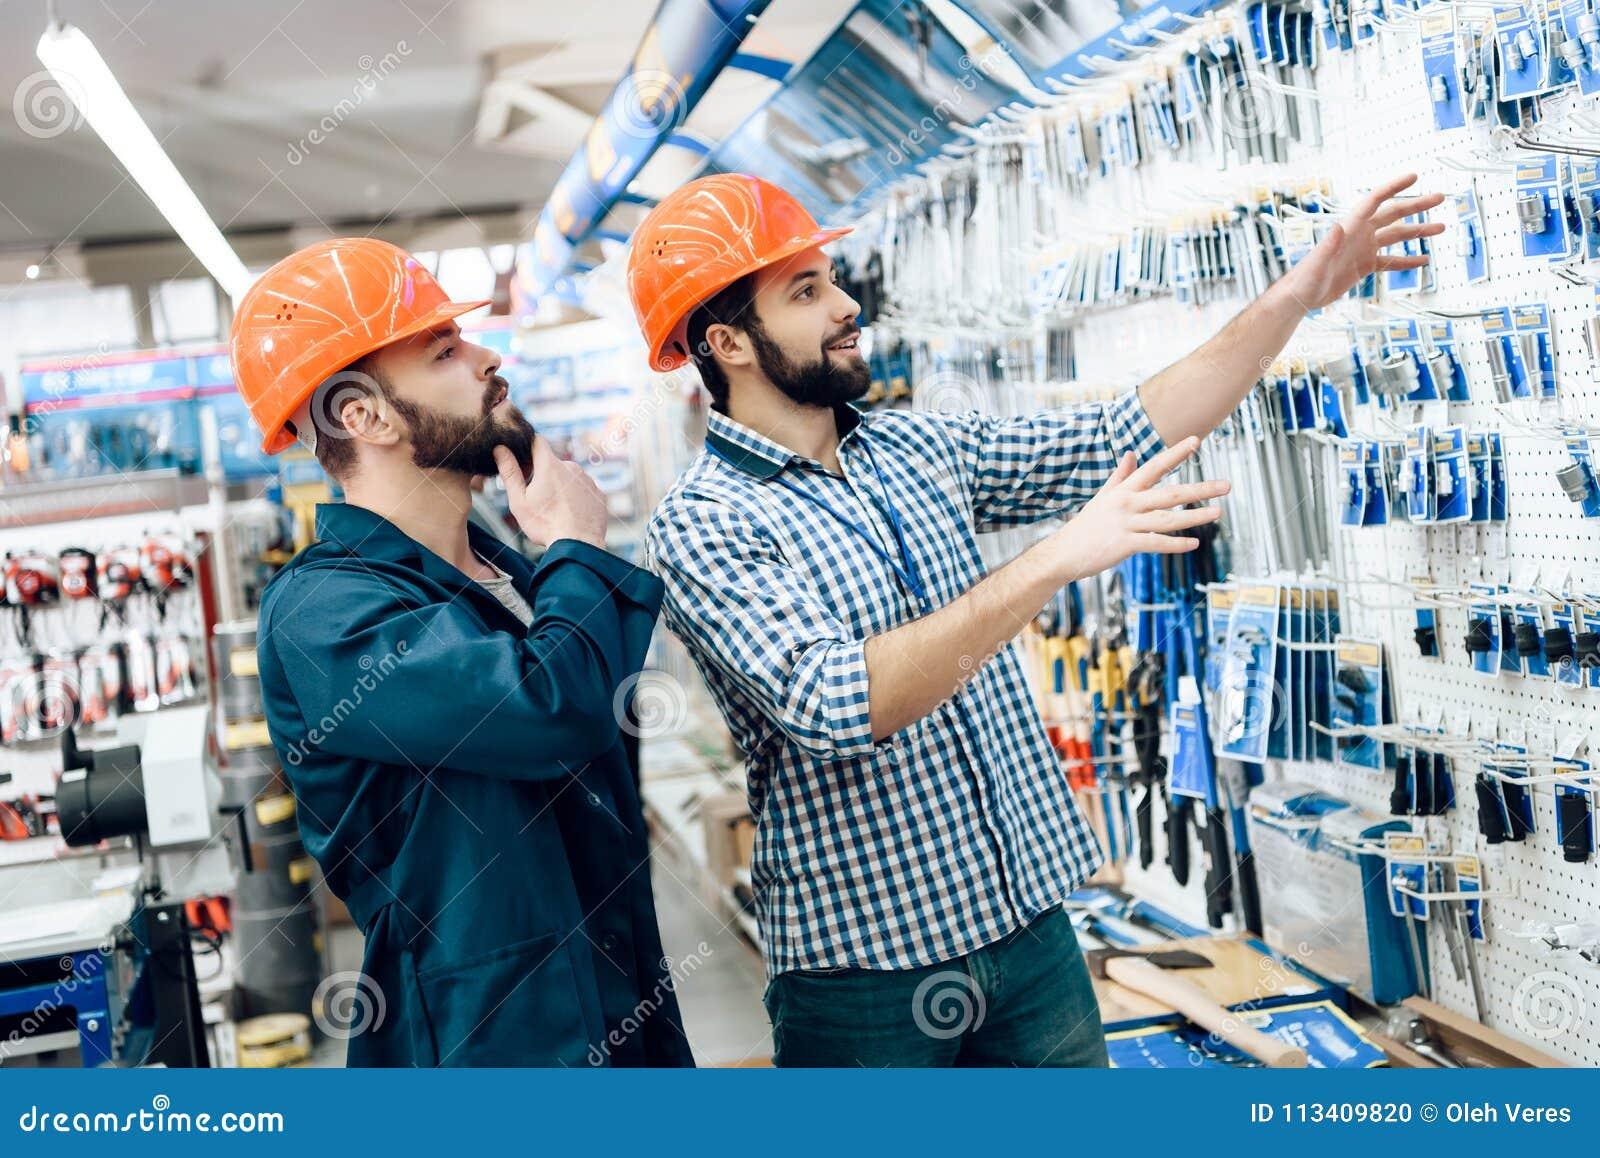 Δύο πωλητές ελέγχουν την επιλογή εξοπλισμού στο κατάστημα εργαλείων δύναμης